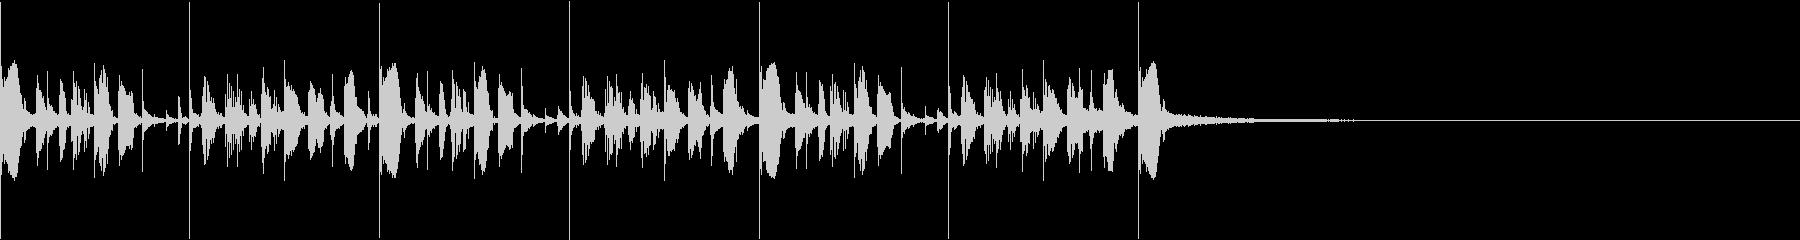 ドラム&ベースのスタイリッシュジングルの未再生の波形